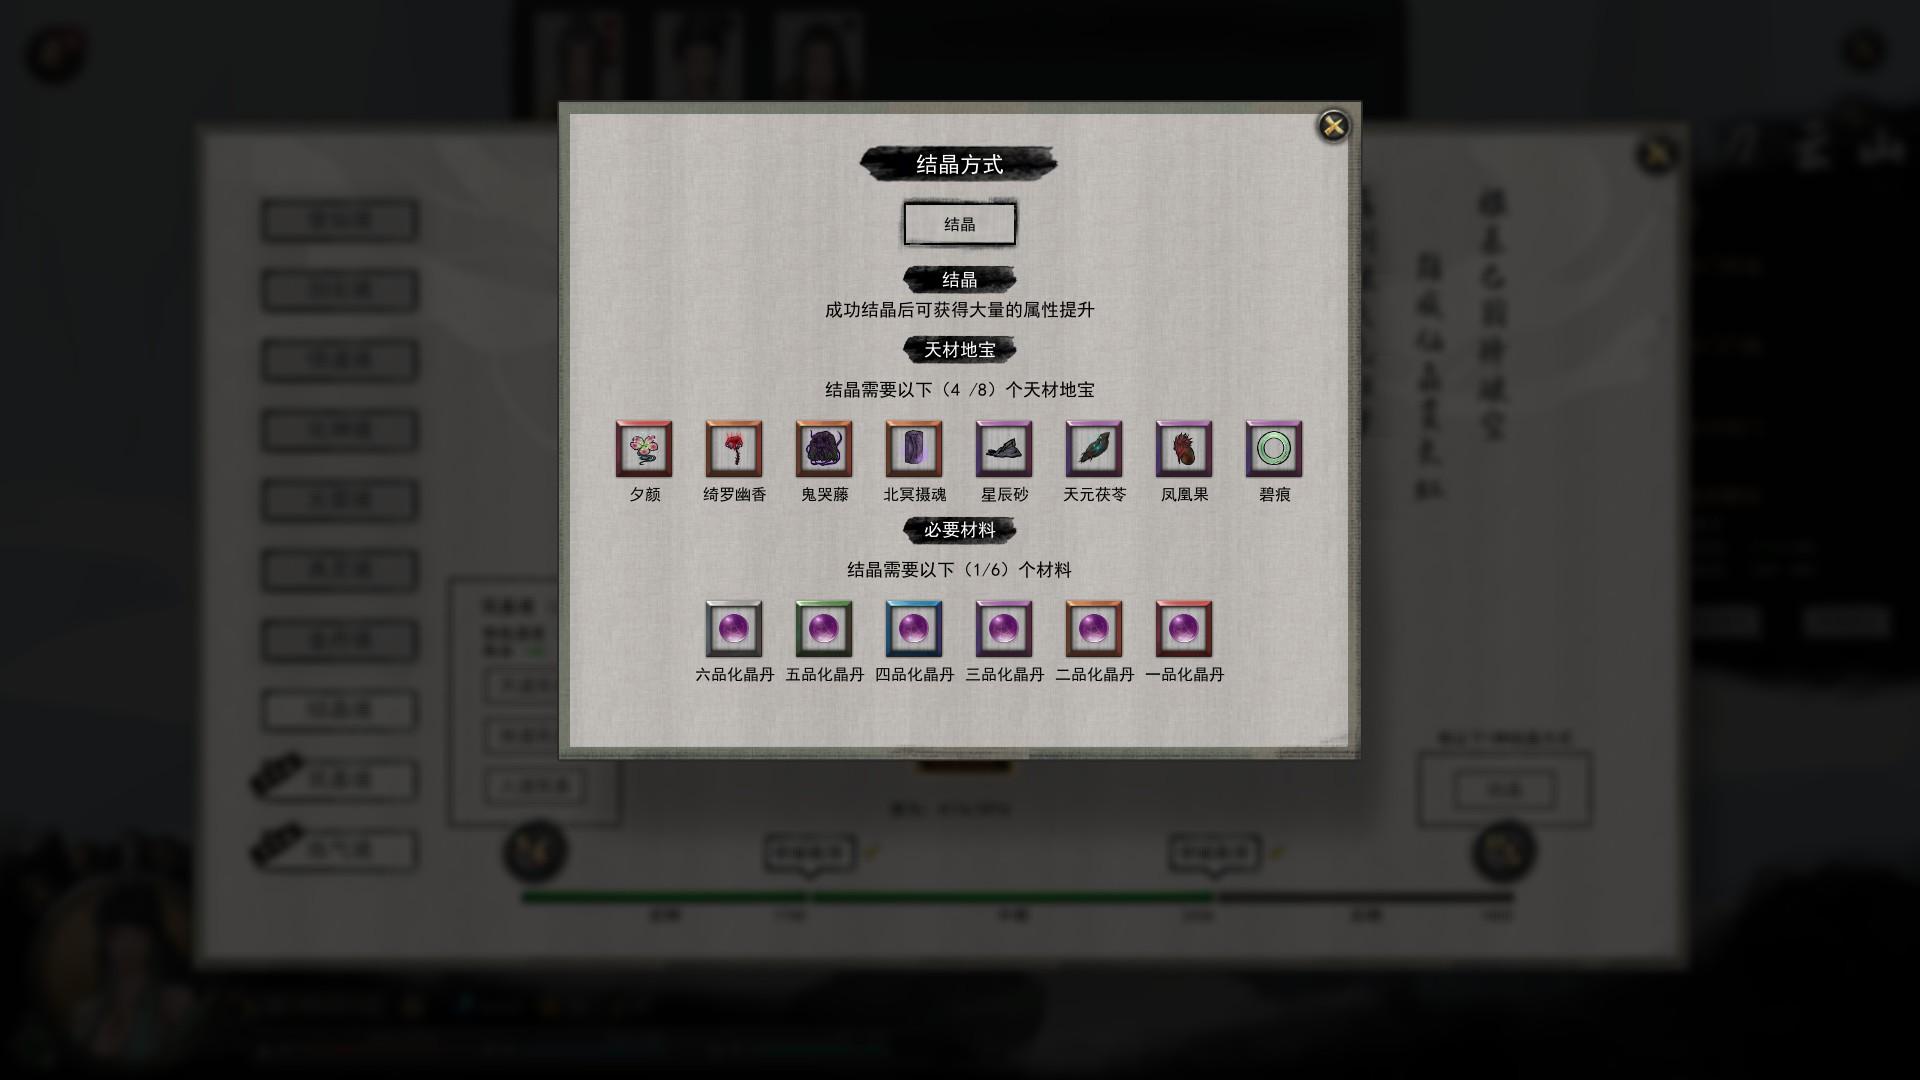 《鬼谷八荒》抢先评测:五小时前后的不同游戏体验